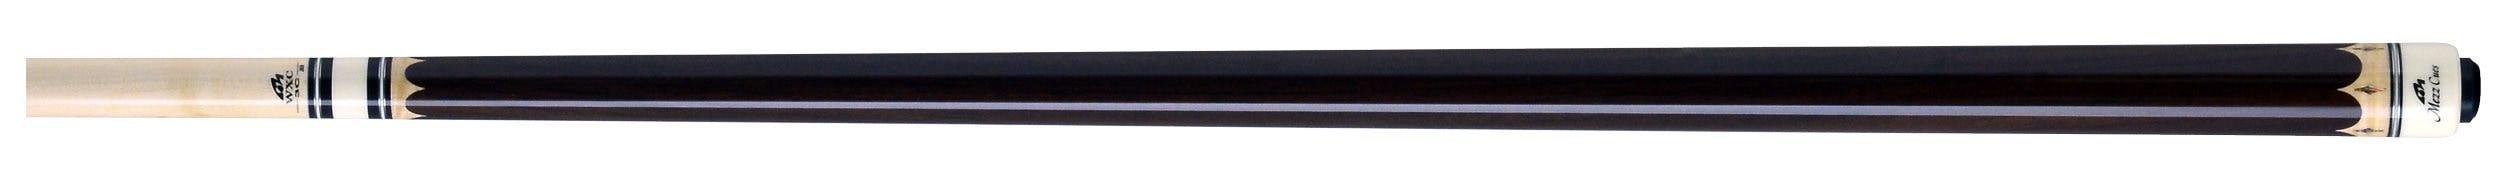 3c・キャロムキュー mezz cr-13rj (wxc 3cシャフト装備) 商品画像